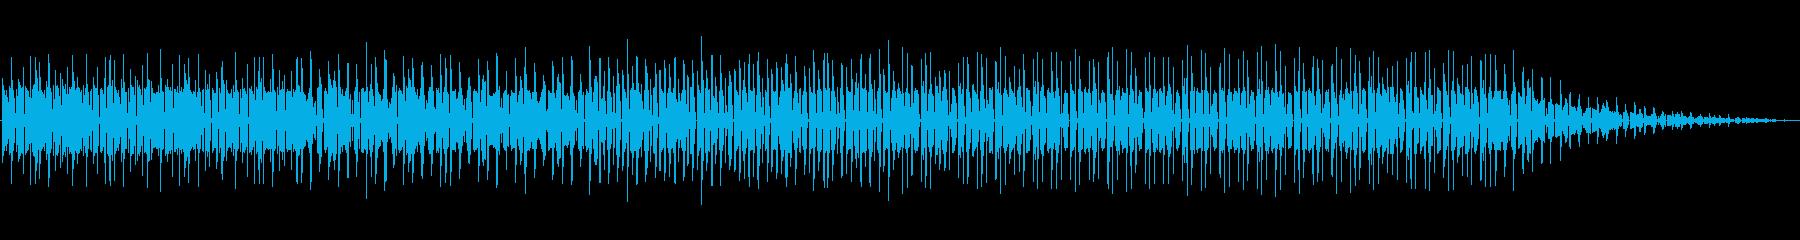 ループハウス。繰り返します。テクノの再生済みの波形